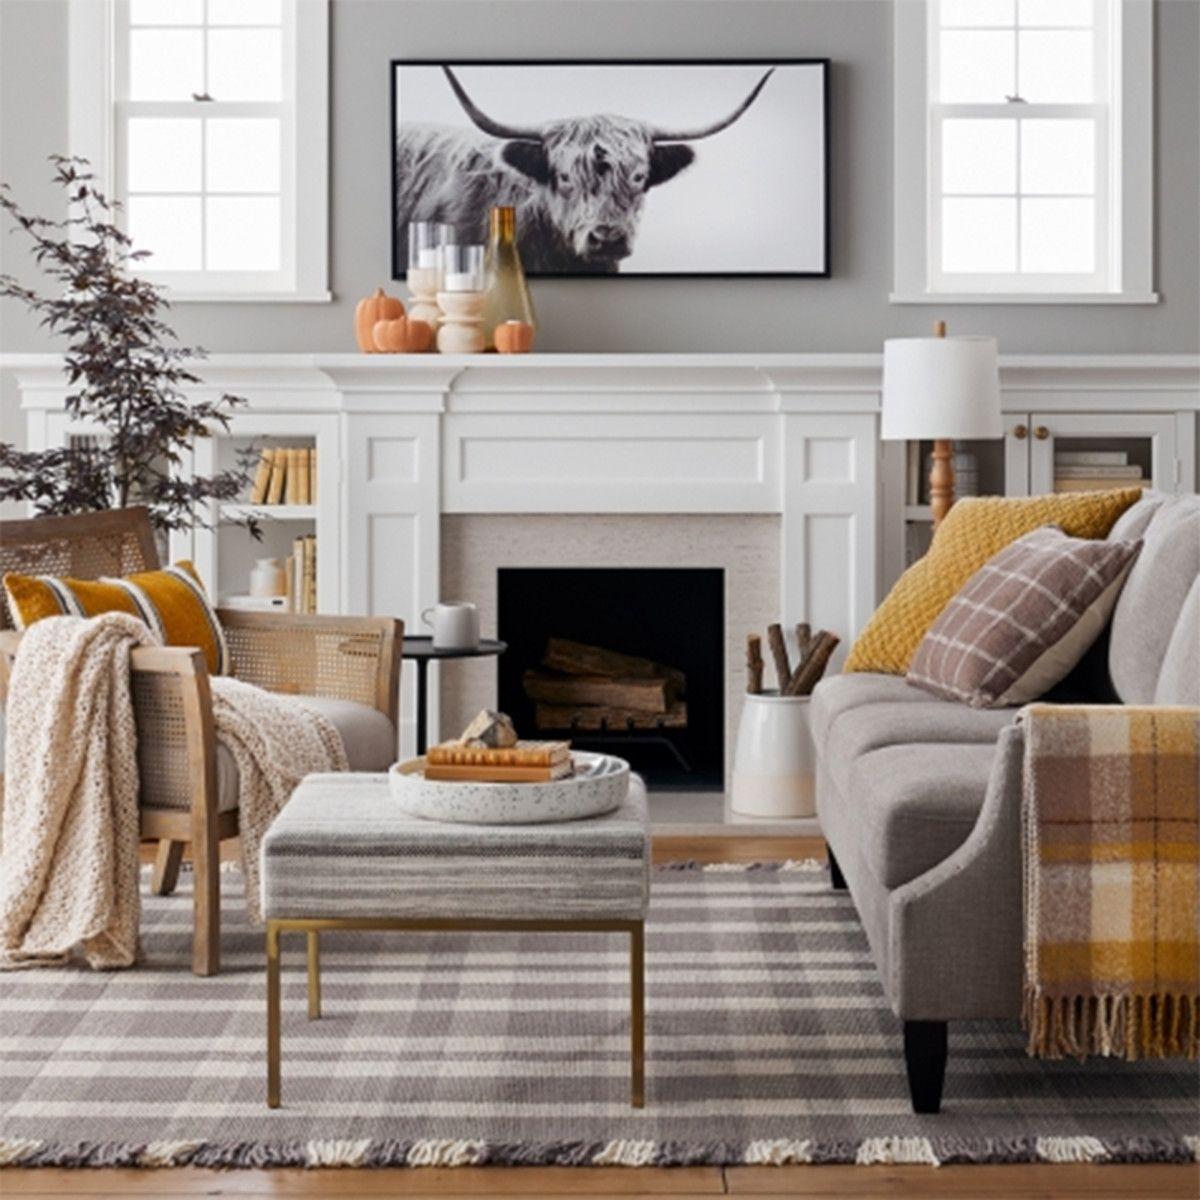 Fall Home Decor Trends: Fall Home Decor Trends. #fall #homedecor #fallhome